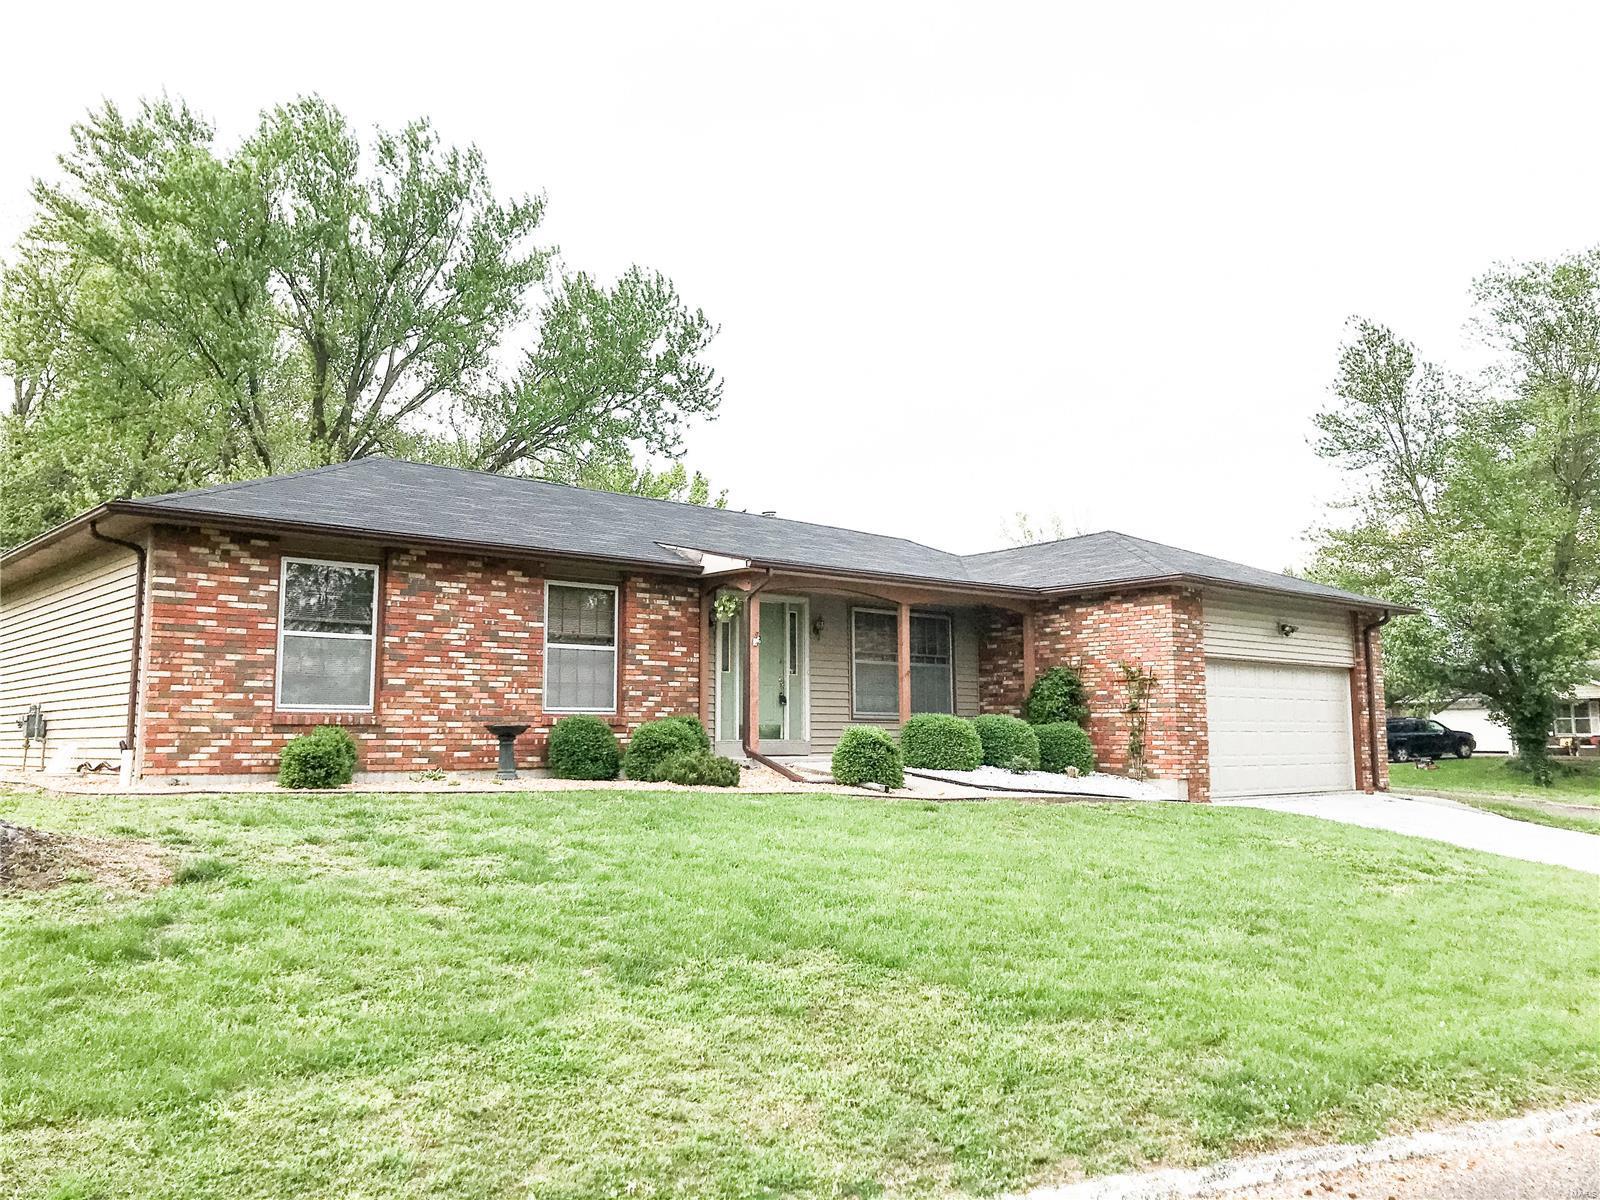 214 Sarazen Property Photo - Columbia, MO real estate listing